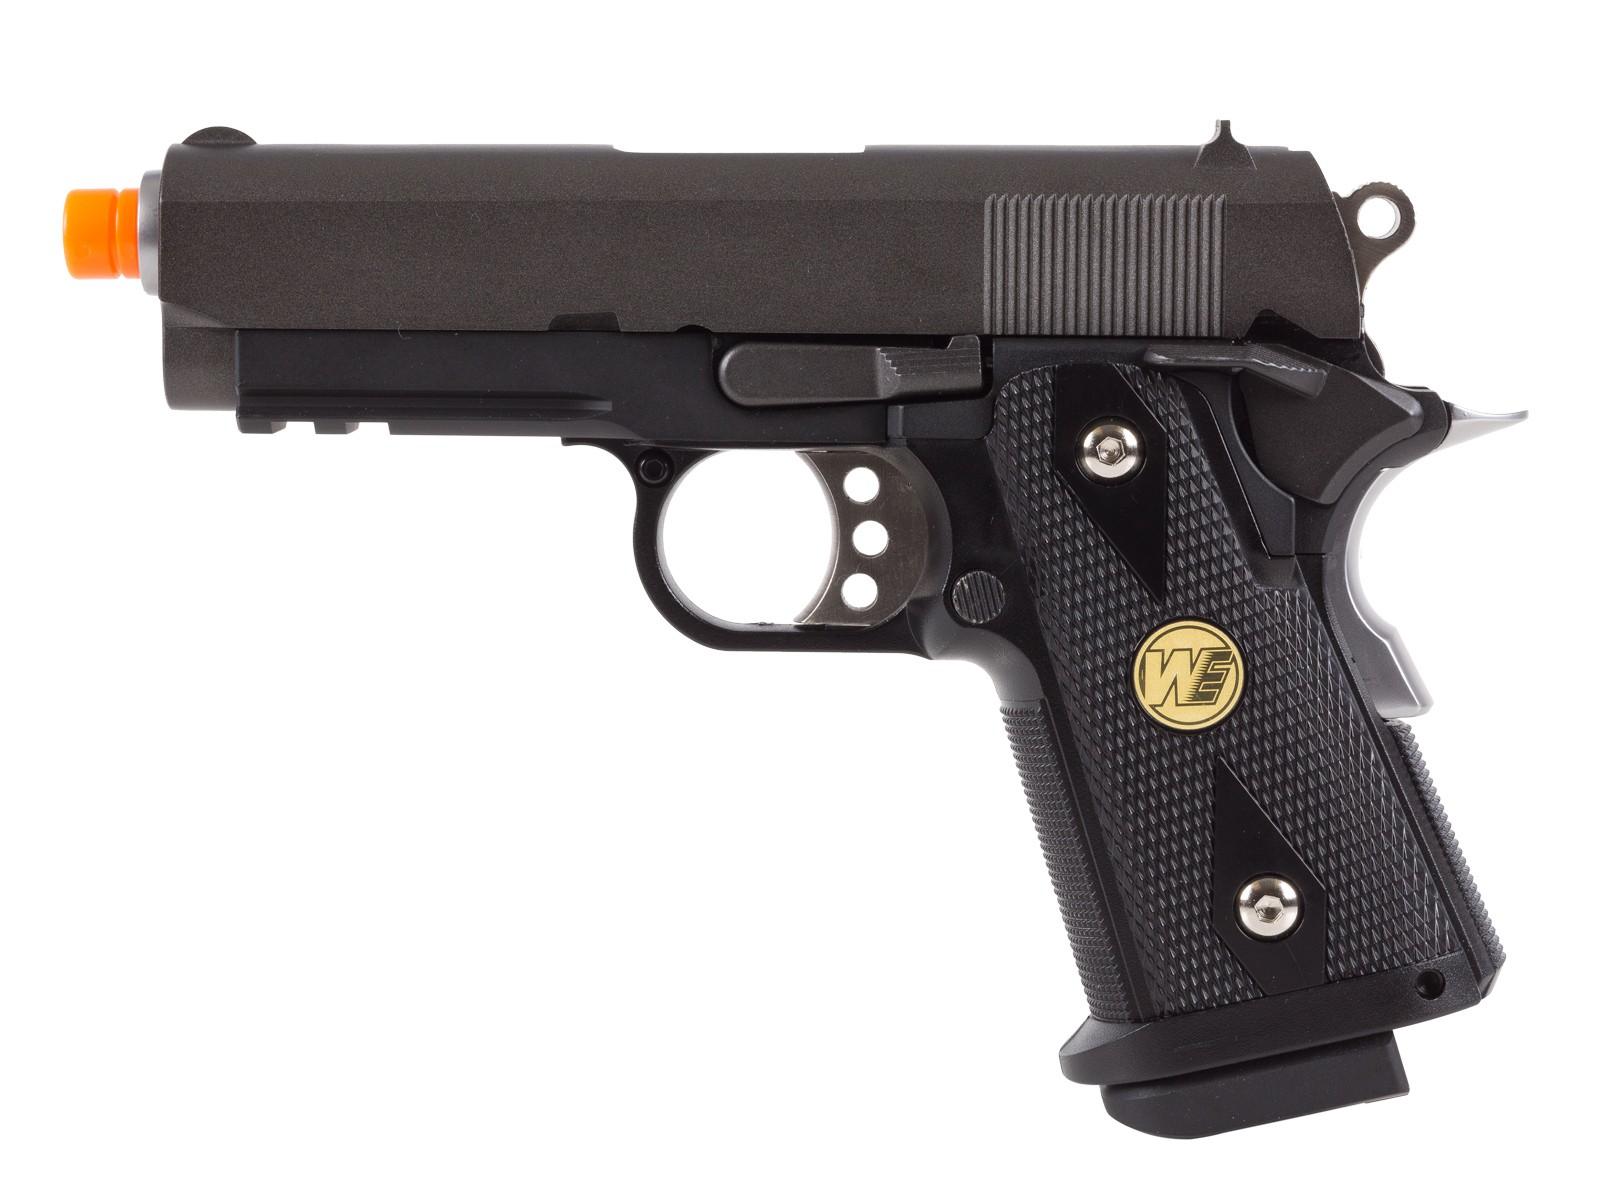 WE Baby Hi-Capa 3.8 Airsoft Pistol, Black